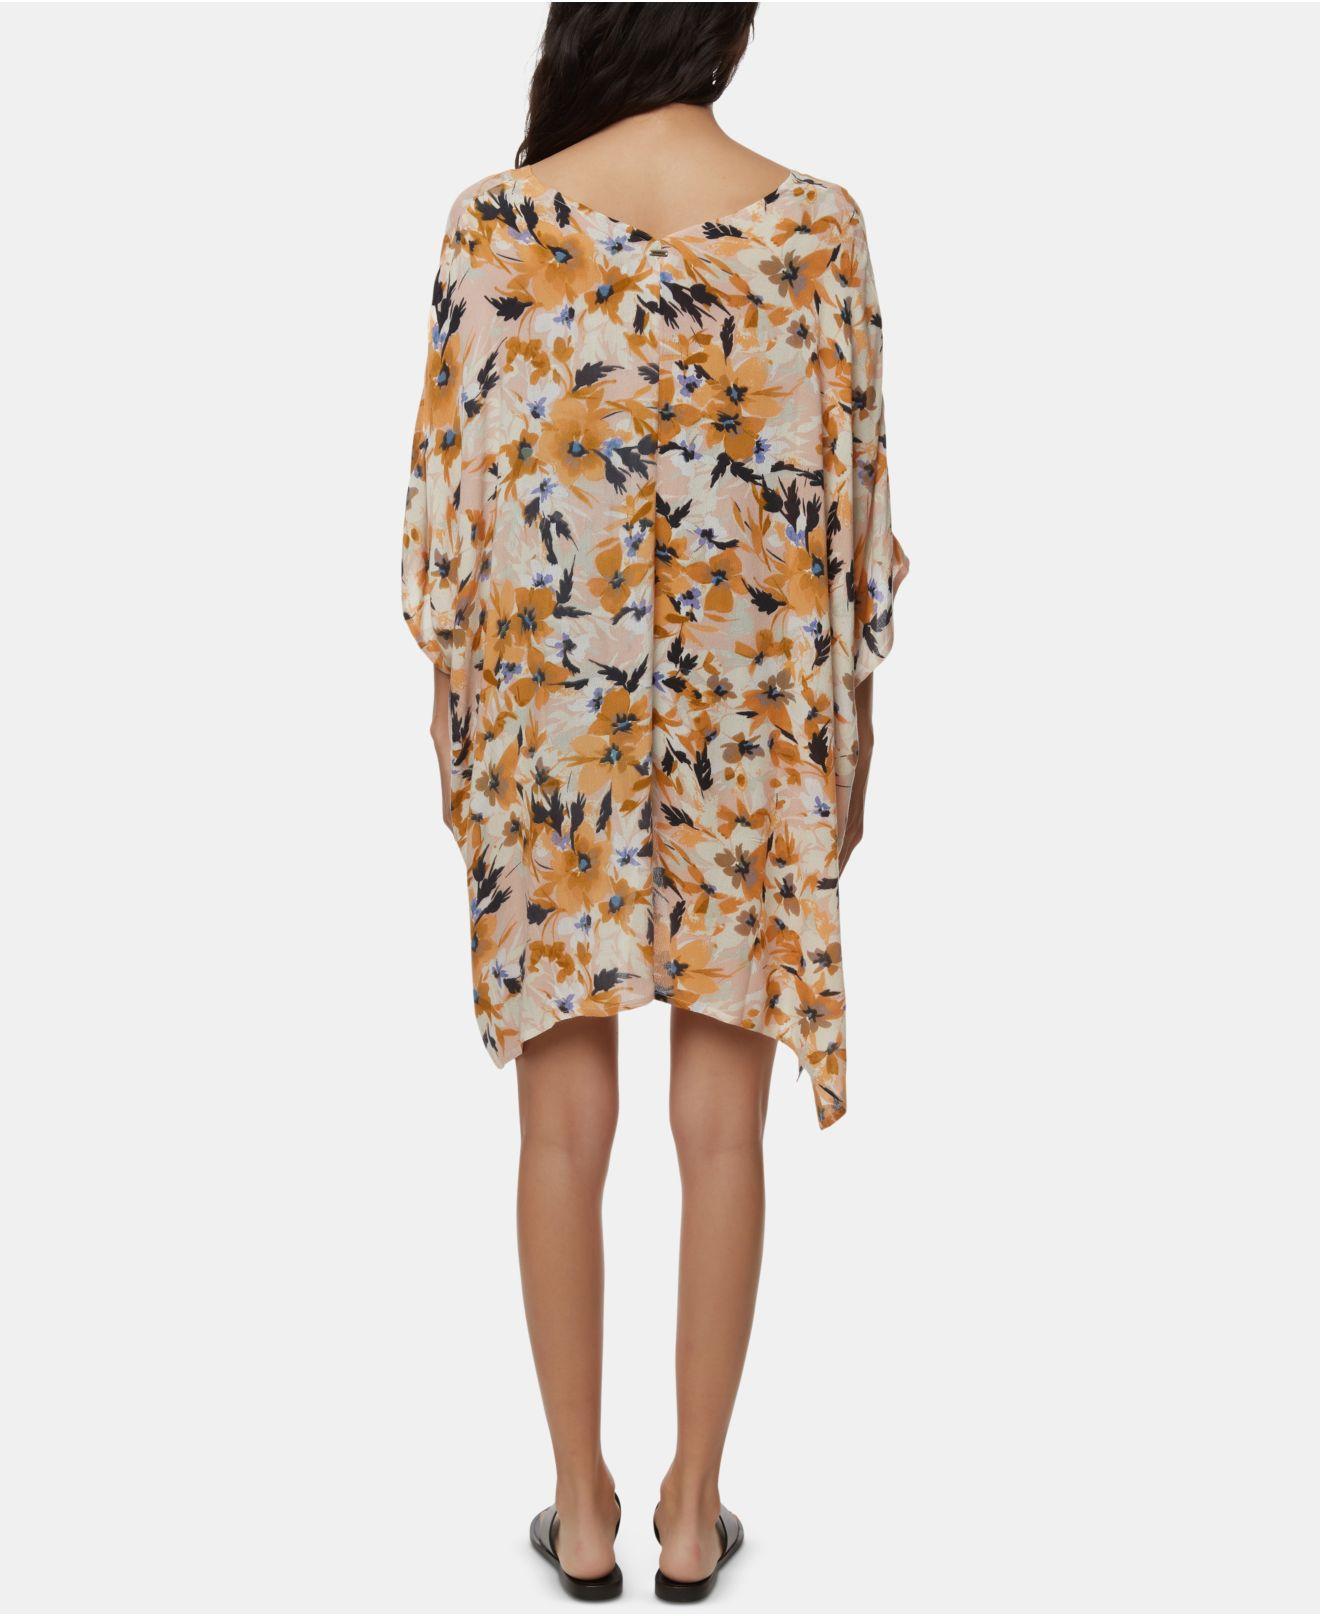 ONEILL Juniors Kimmy Printed Woven Sleeved Dress